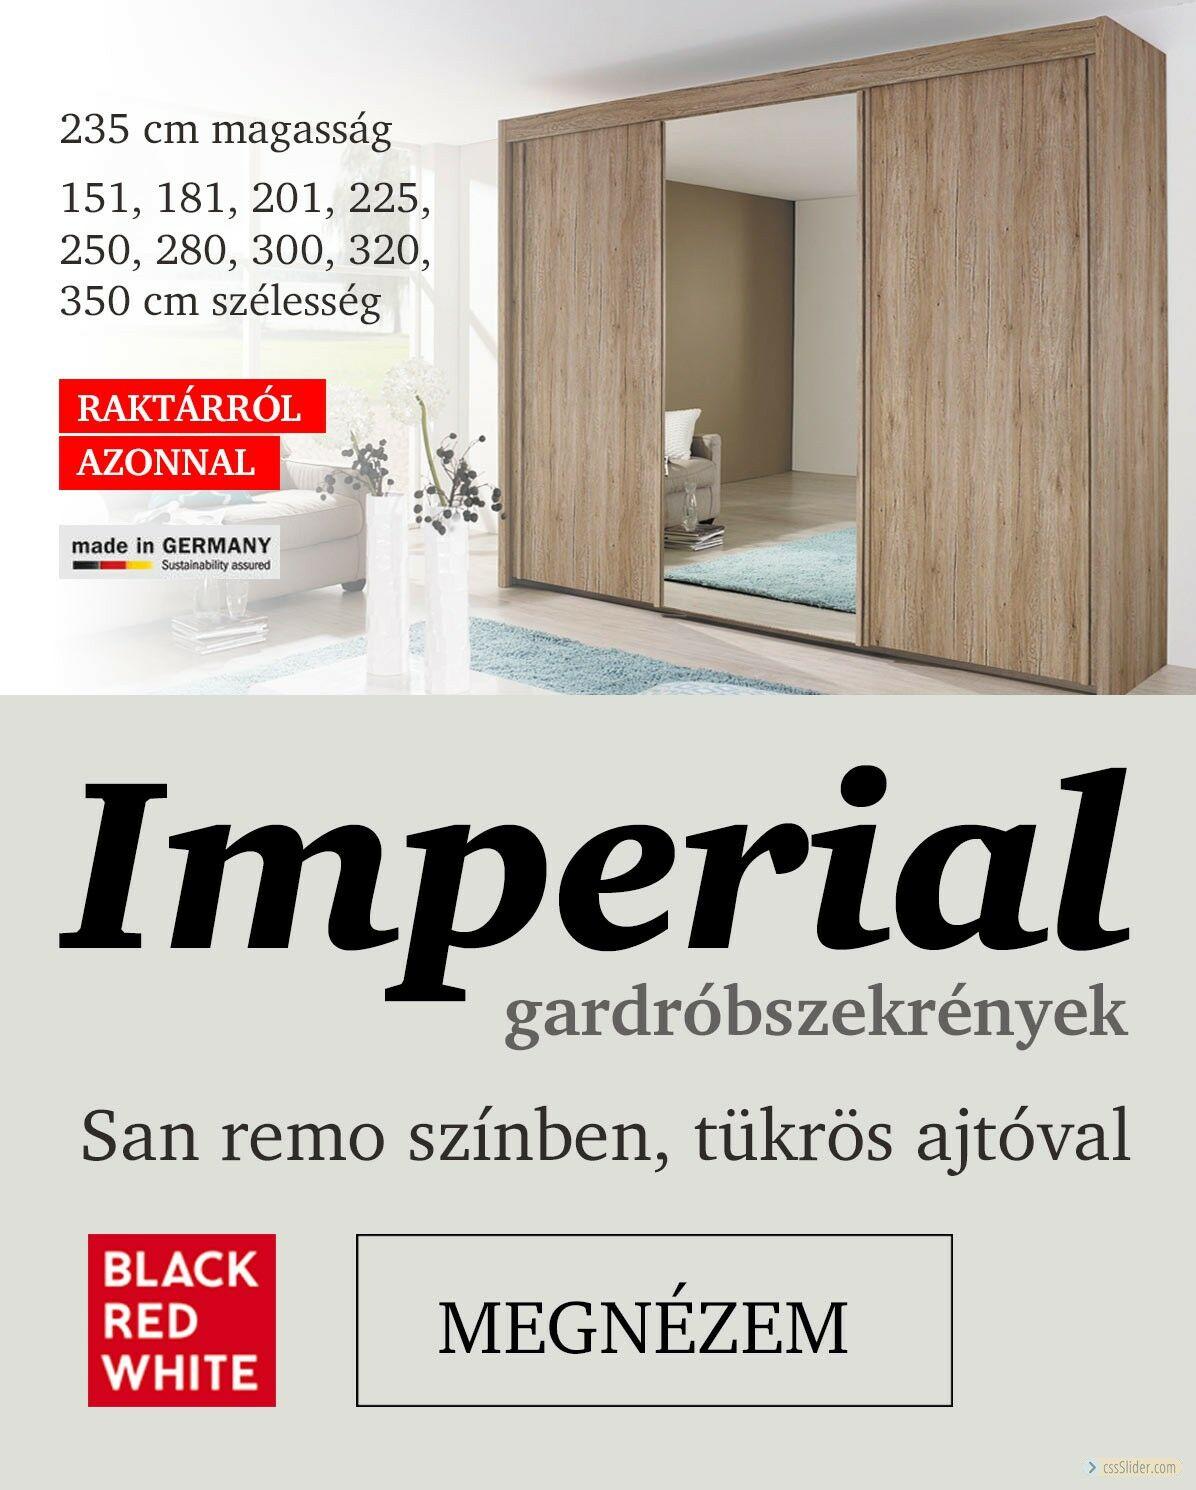 Imperial gardróbszekrények